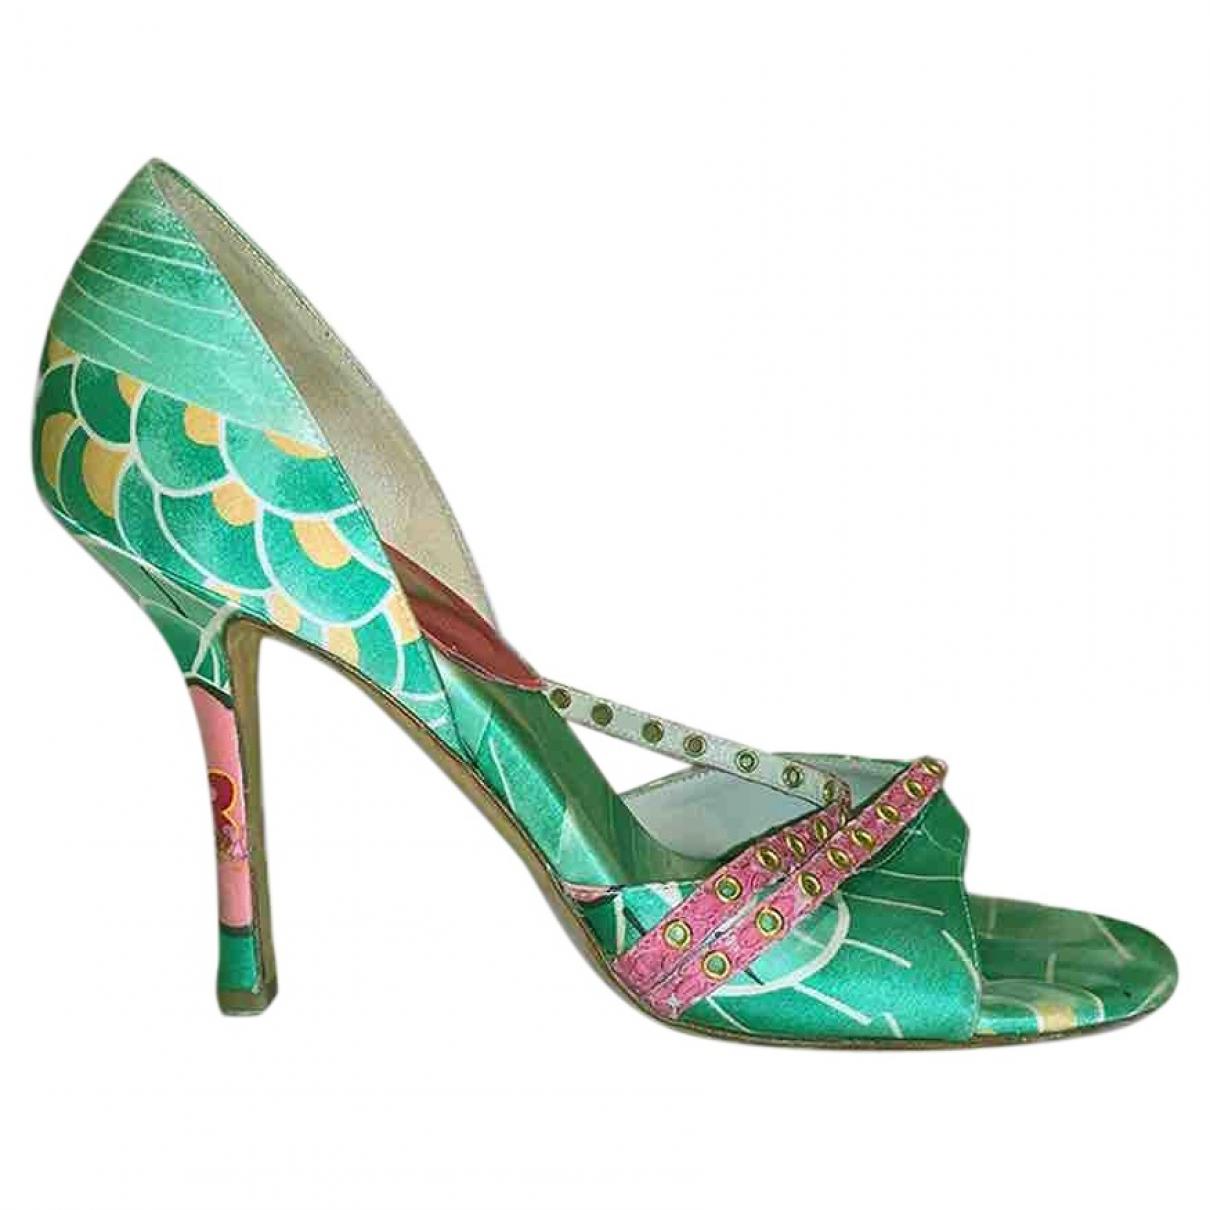 Dior - Sandales   pour femme en toile - multicolore